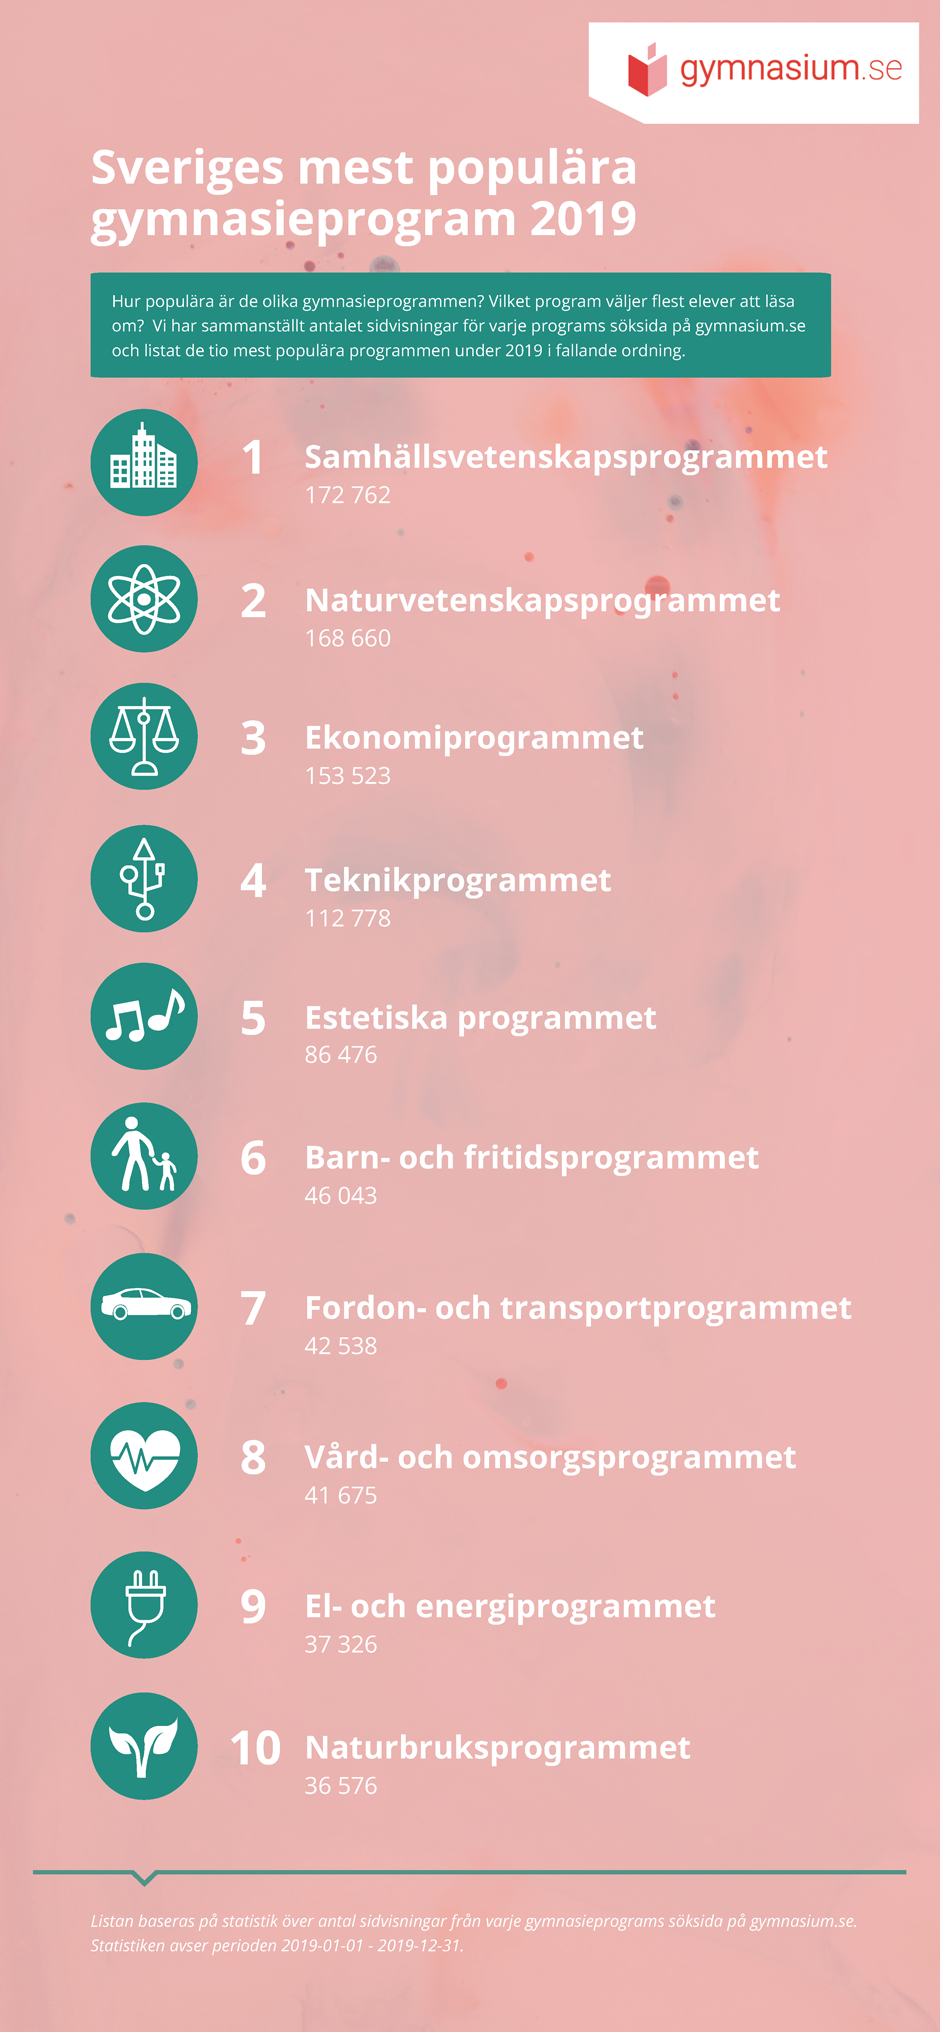 mest-populara-gymnasieprogram-2019